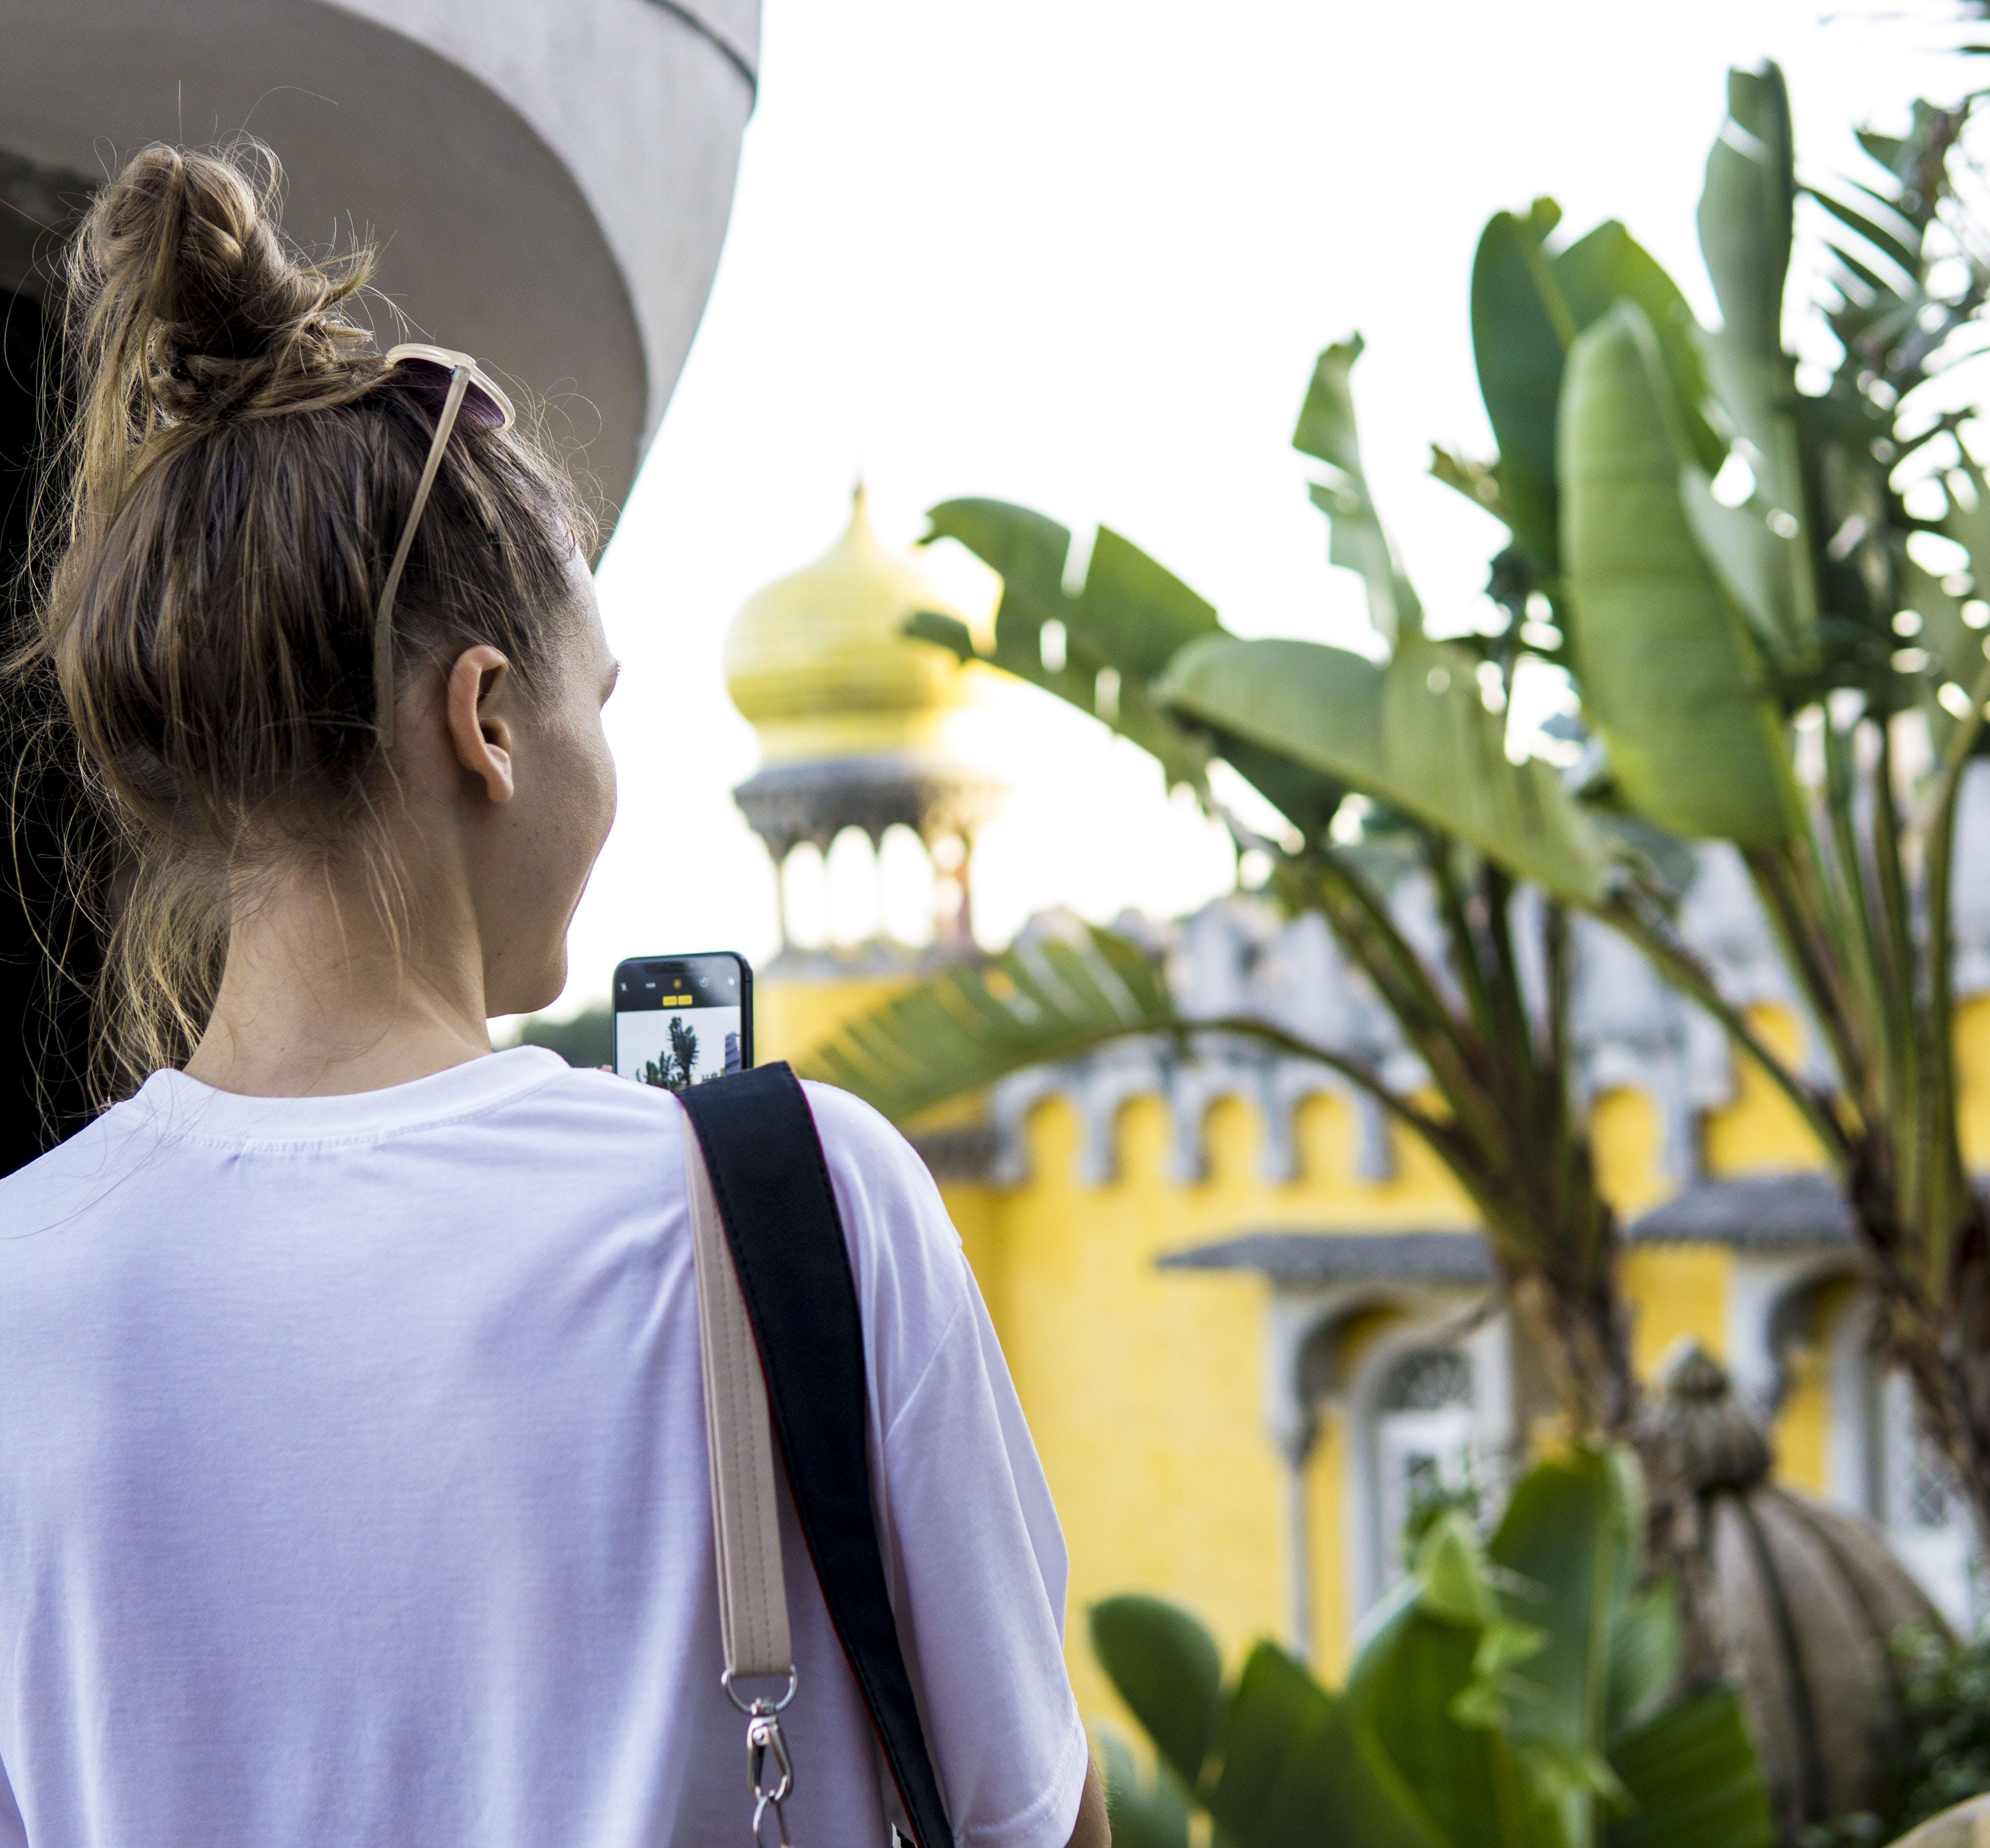 Gratis lagerfoto af bananblade, banantræer, dagslys, kvinde